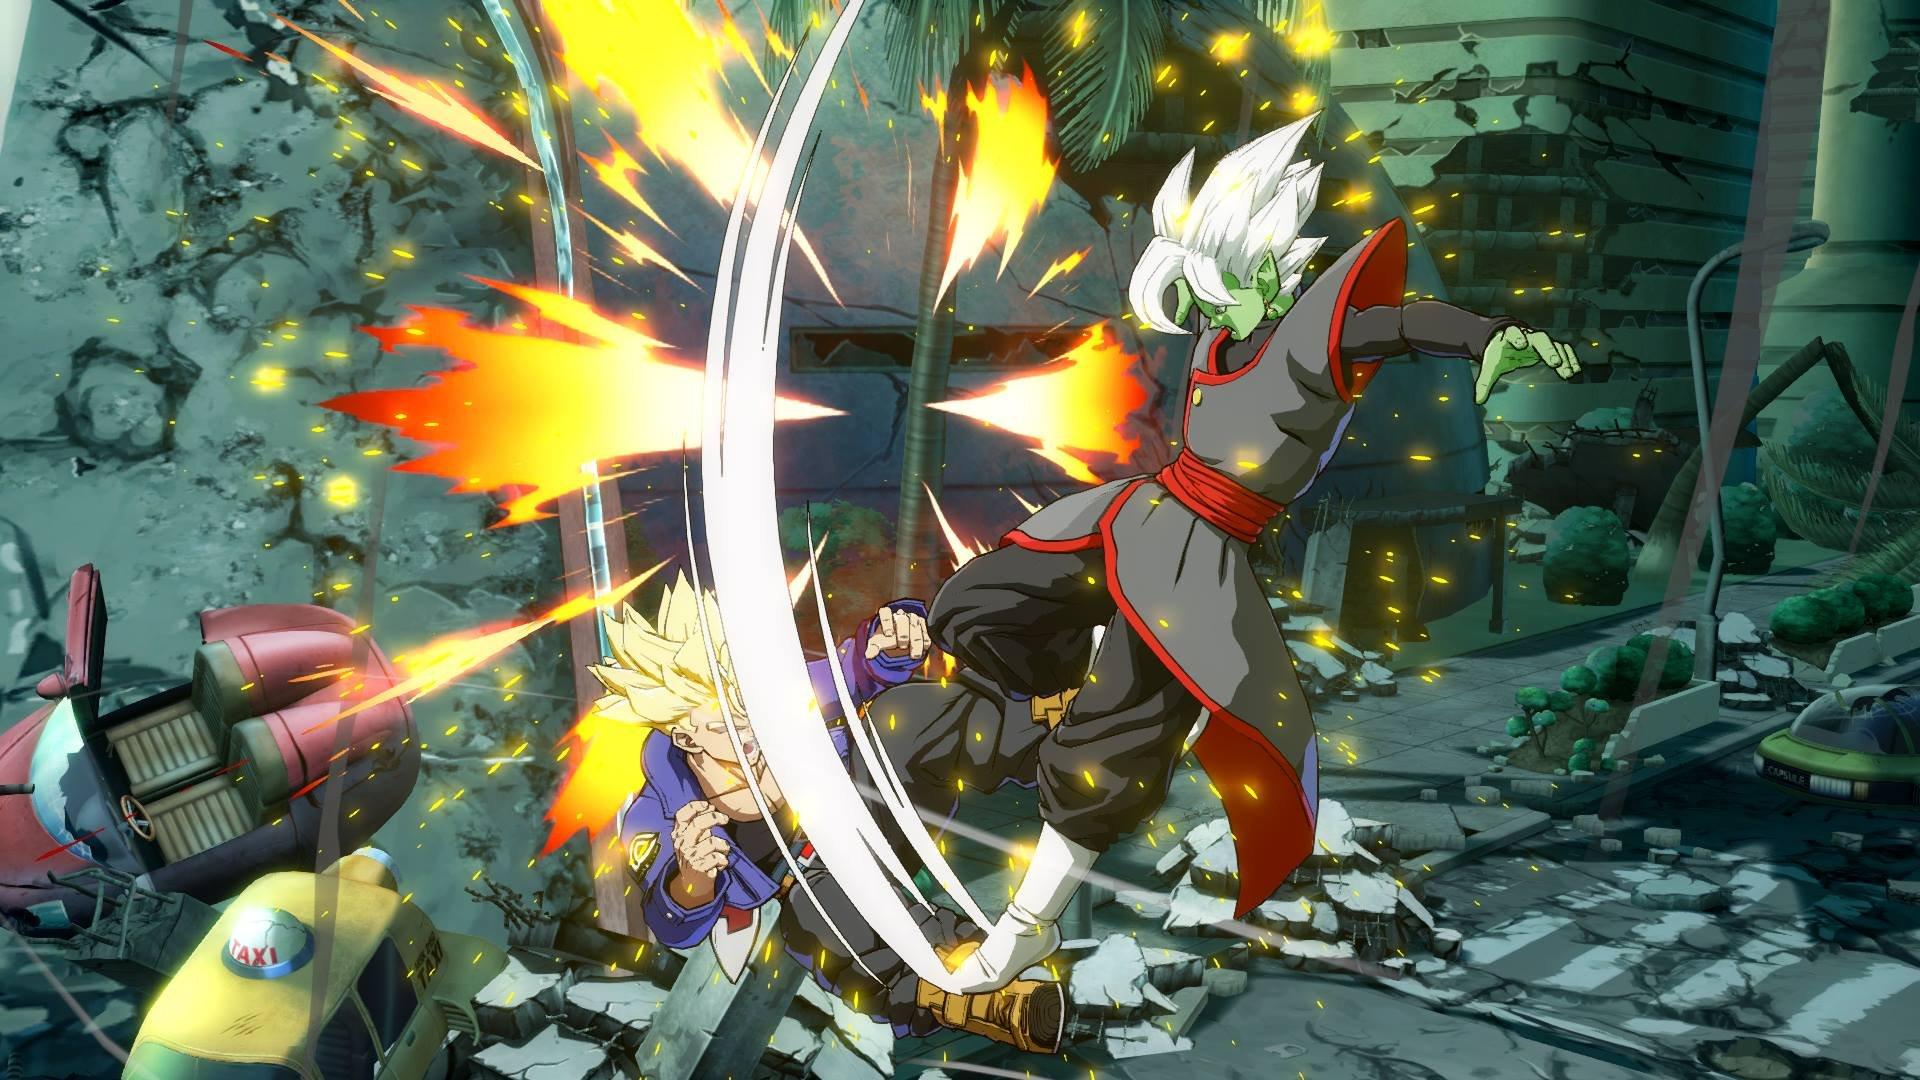 mira-las-nuevas-imagenes-de-zamasu-fusionado-en-dragon-ball-fighter-z-frikigamers.com